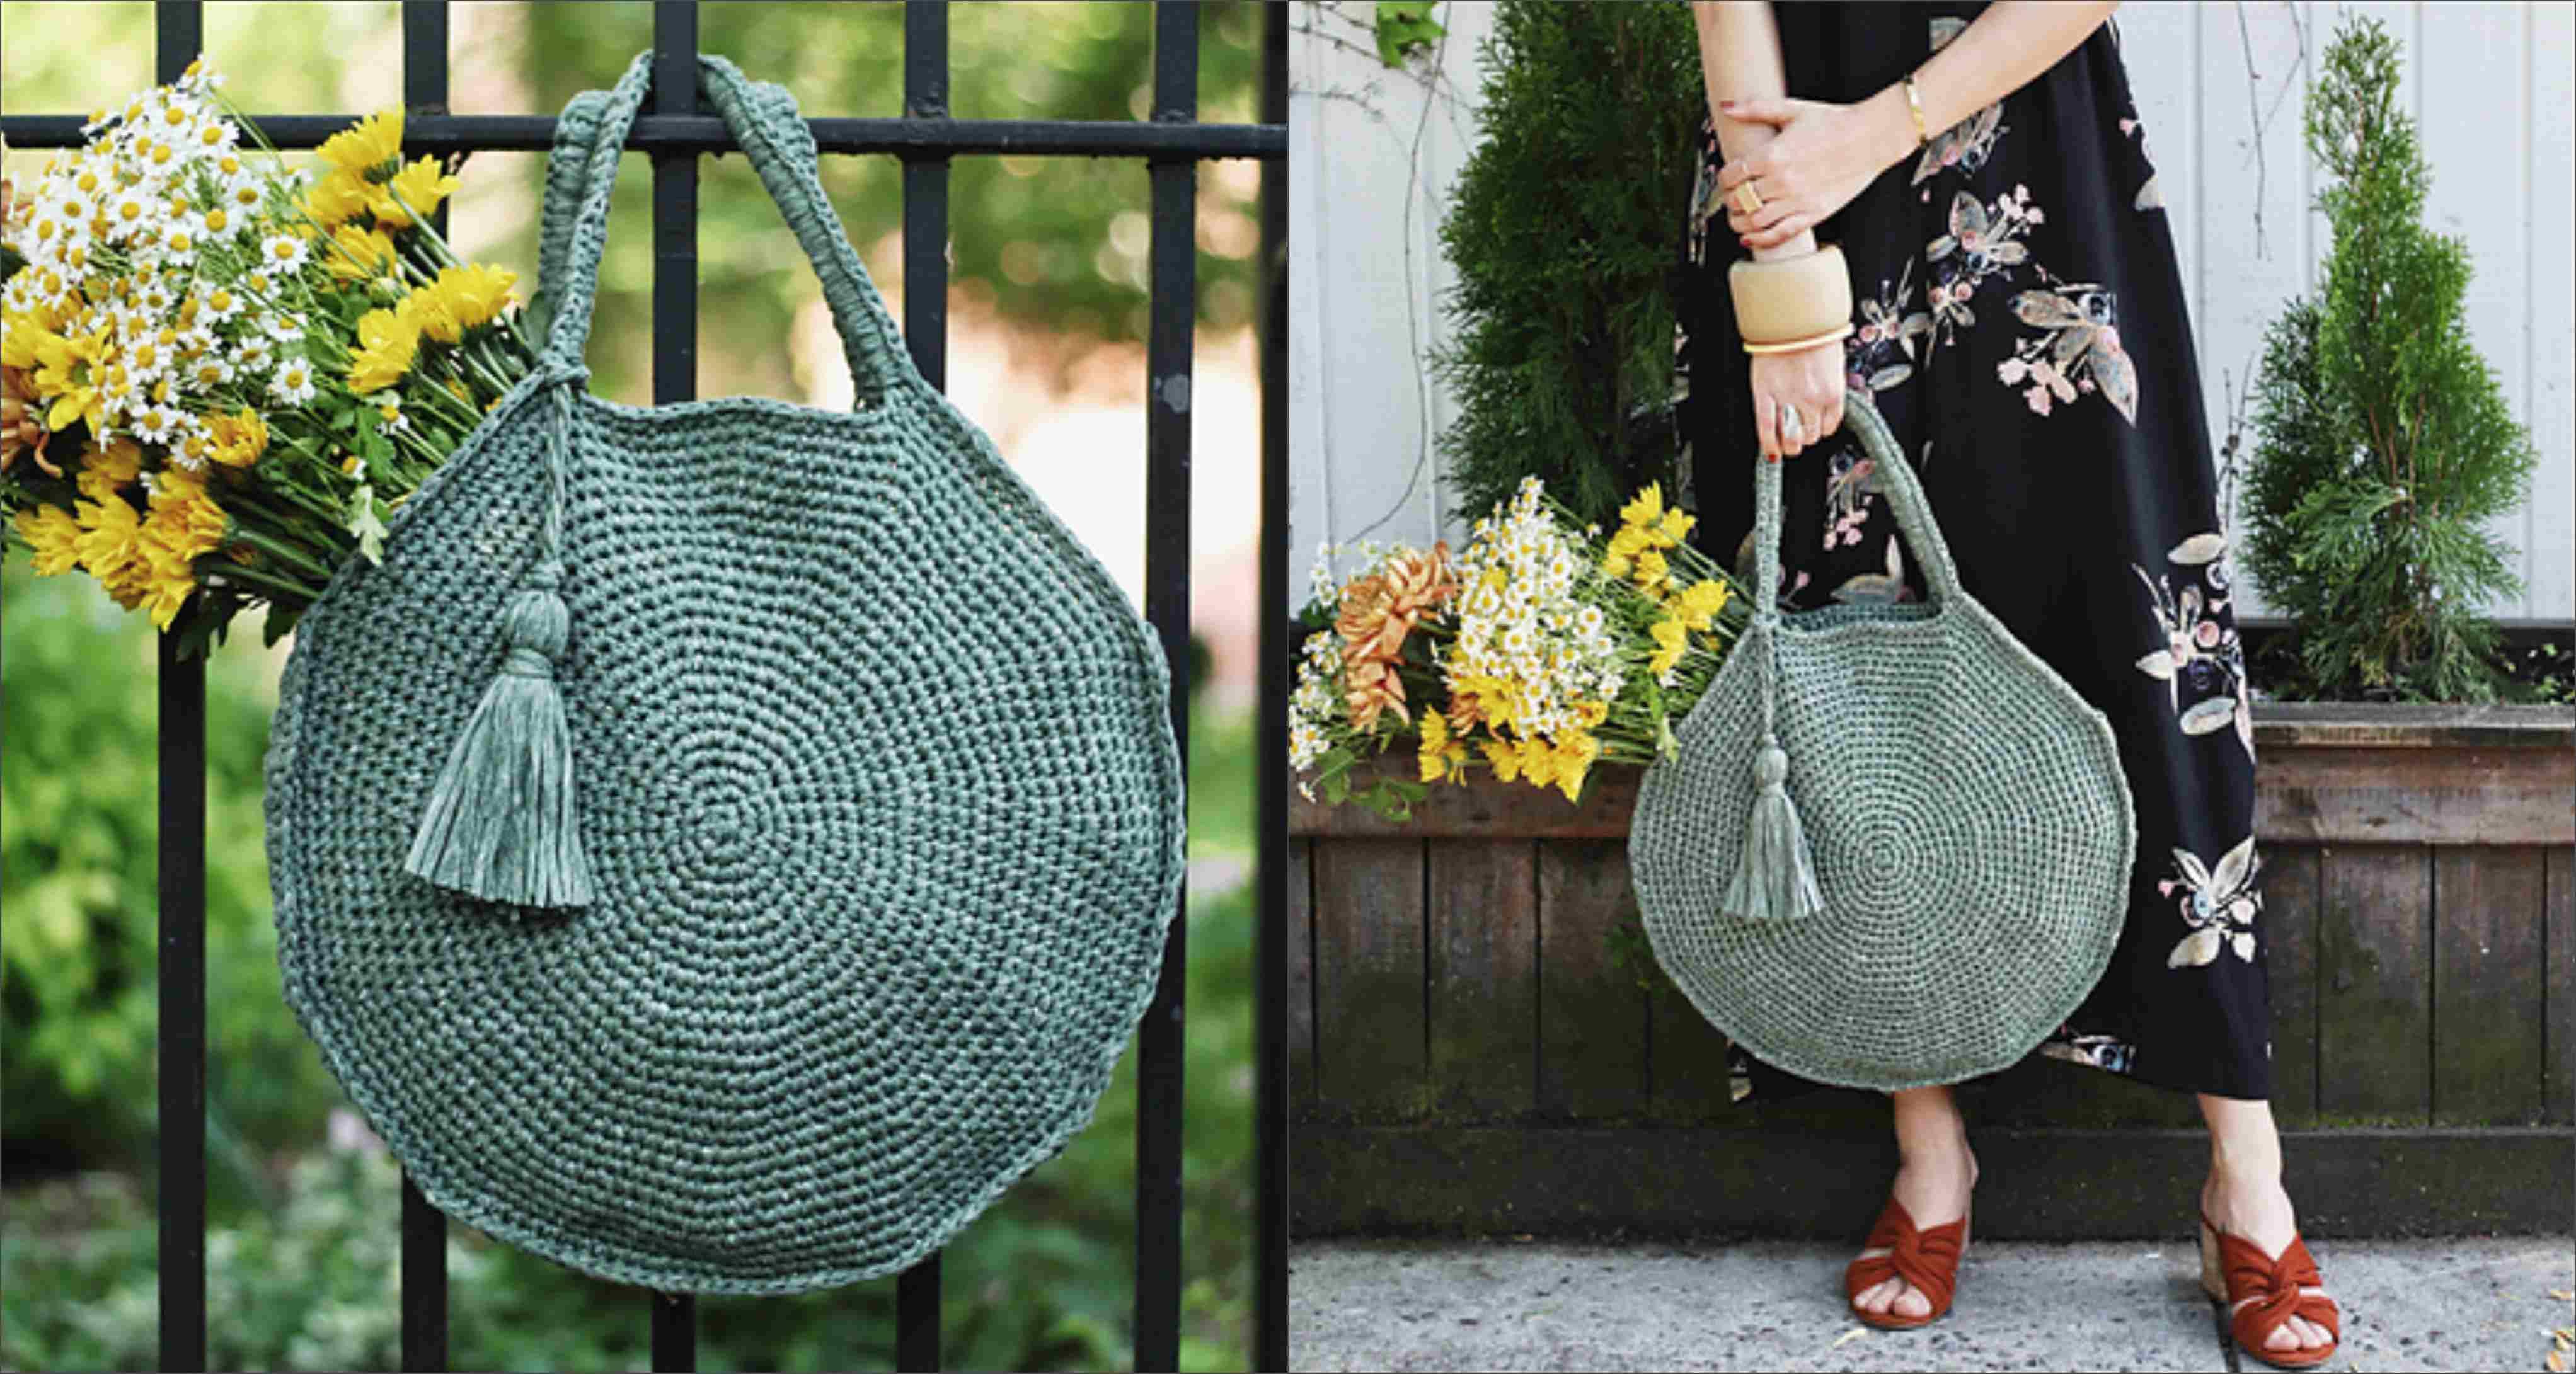 Crochet Capri Circle Bag 3fa11fb21913b